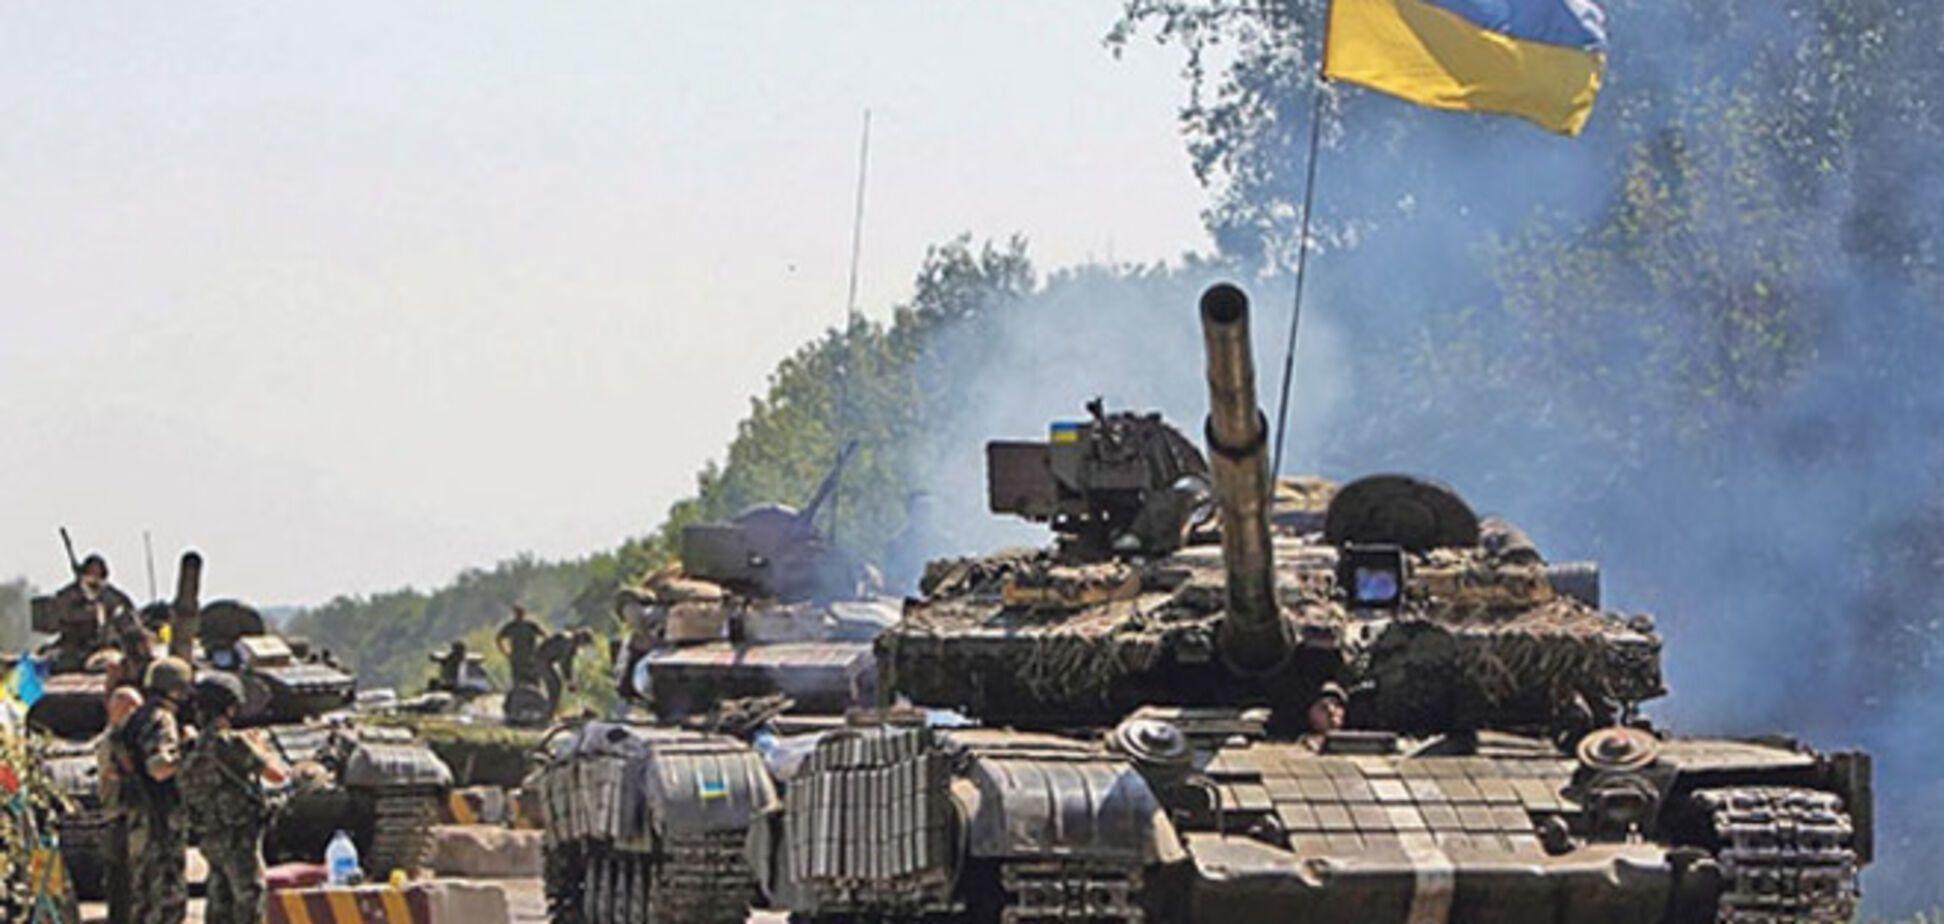 Нацгвардия получила 10 танков, которые должны были продать Конго